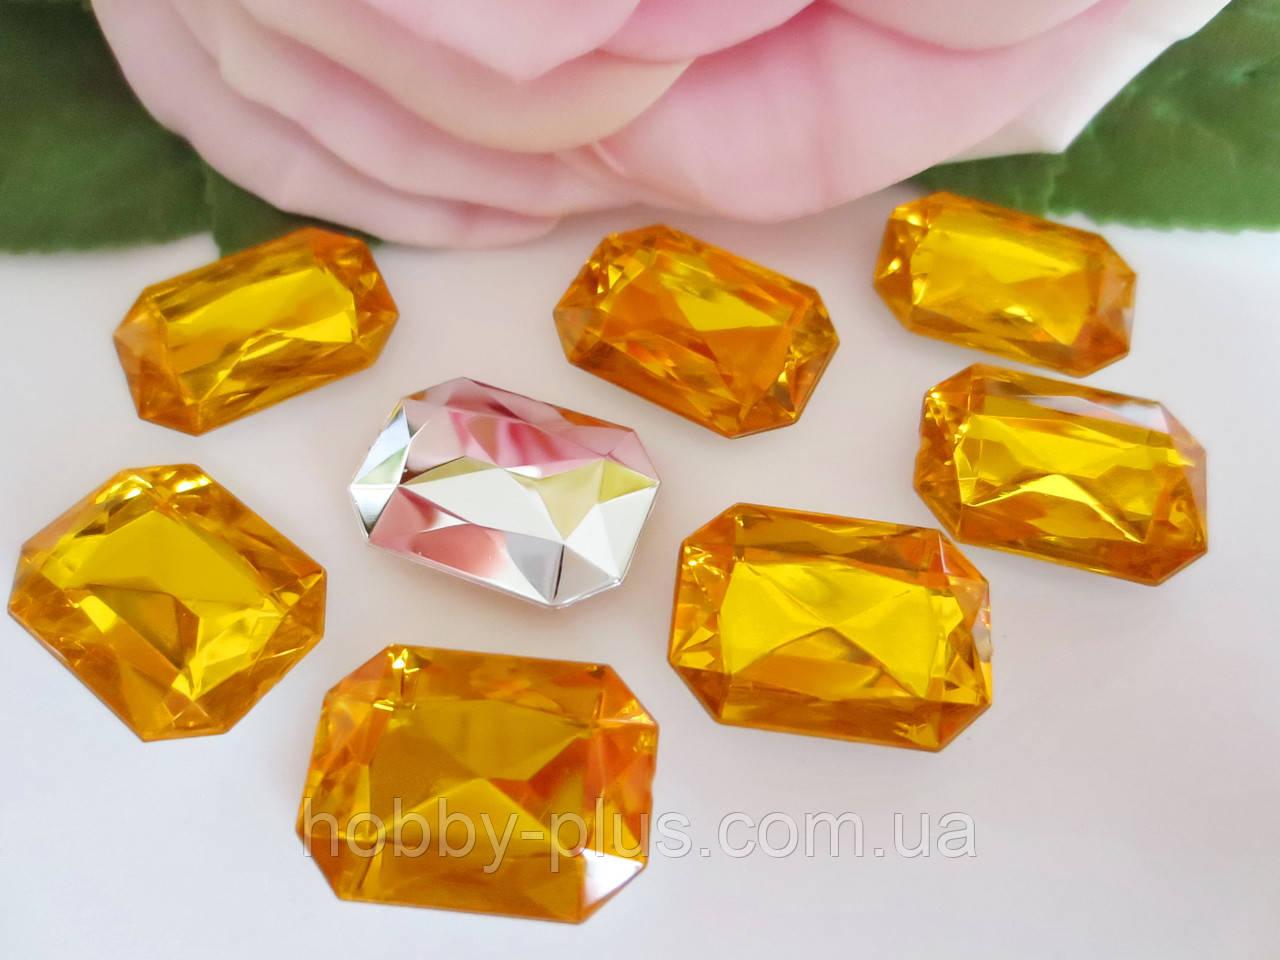 Камень клеевой, прямоугольный, 13х18 мм, цвет желтый, 10 шт